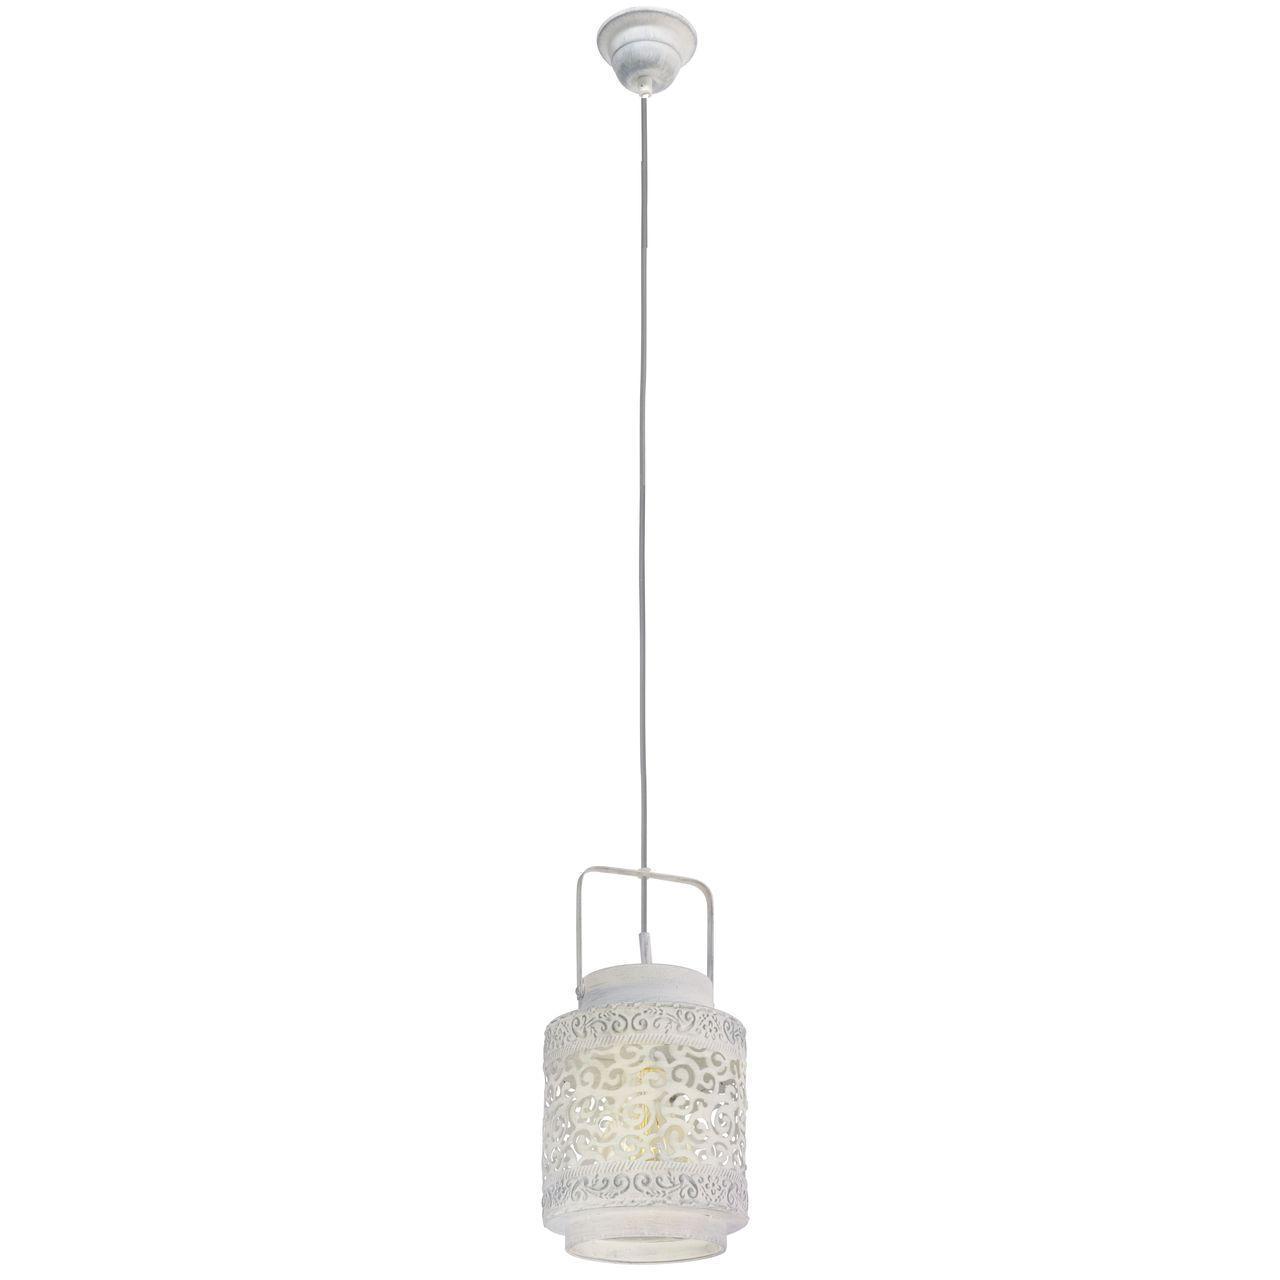 Подвесной светильник Eglo Vintage 49205 подвесной светильник eglo vintage 49212